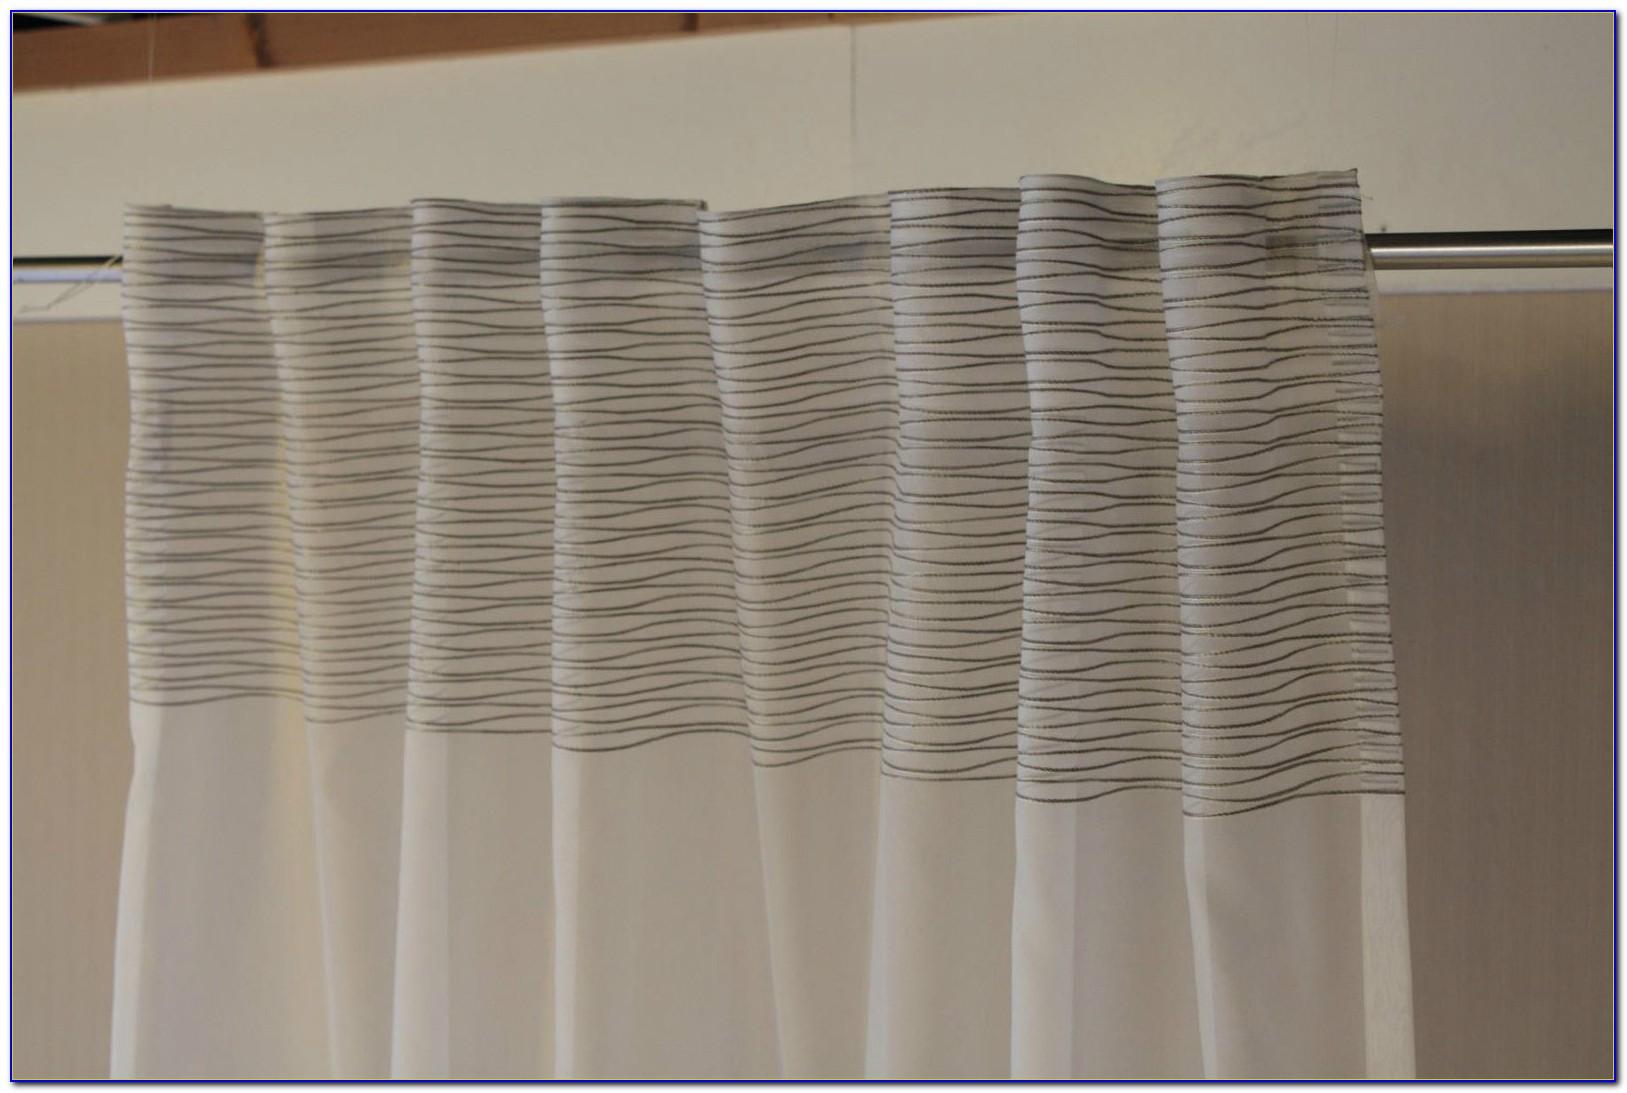 Full Size of Joop Vorhang Cool Dolce Vizio Tiramisu Gardinen Für Wohnzimmer Schlafzimmer Die Küche Scheibengardinen Fenster Badezimmer Betten Bad Wohnzimmer Joop Gardinen